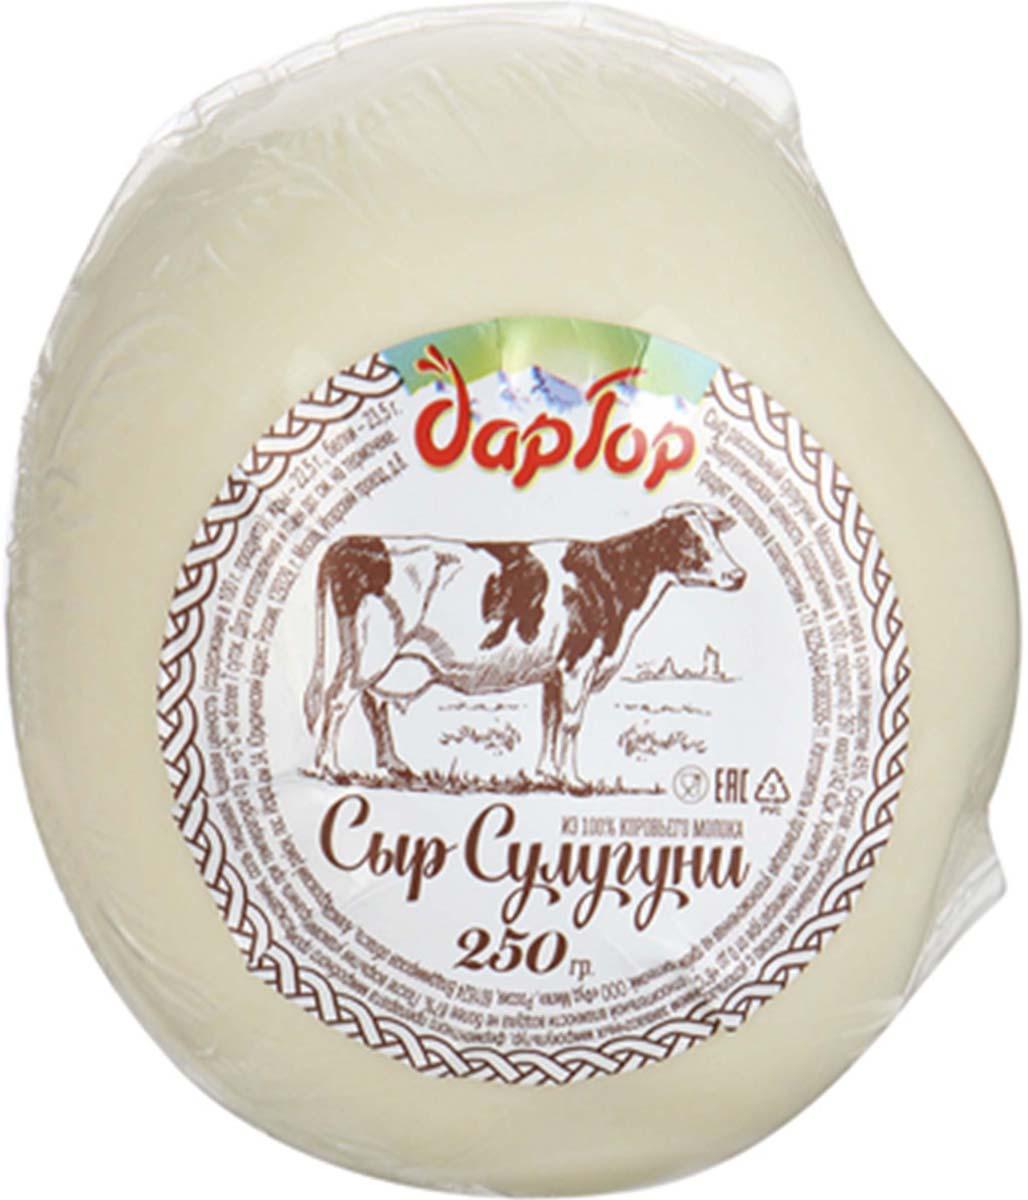 Дар Гор Сыр Сулугуни 45%, 250 г дар гор сыр чанах 40% с чёрными и зелёными плодами оливы в масле 40% 250 г